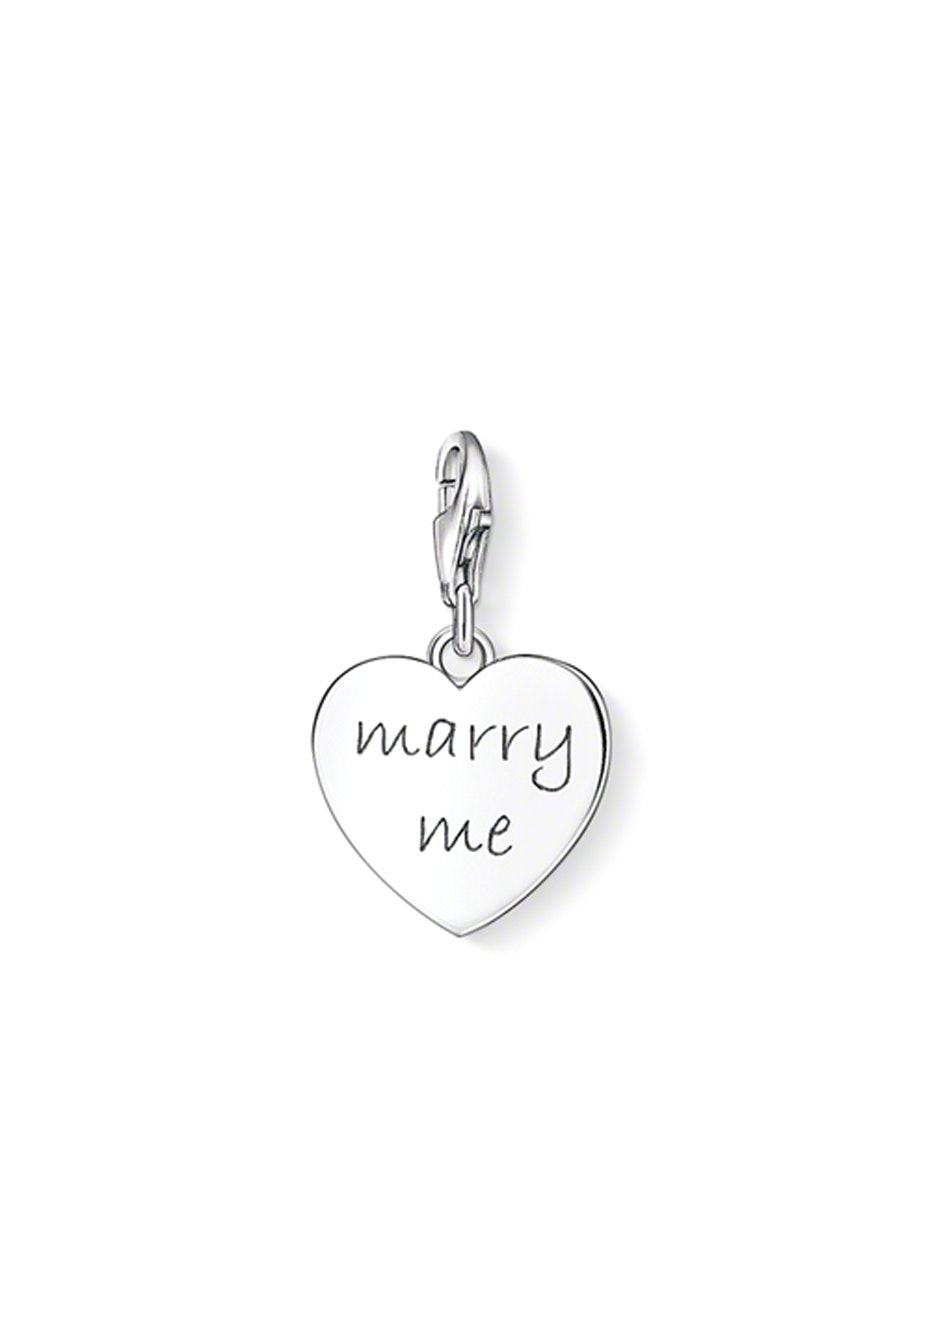 Thomas Sabo  - Charm Club - Marry Me Heart